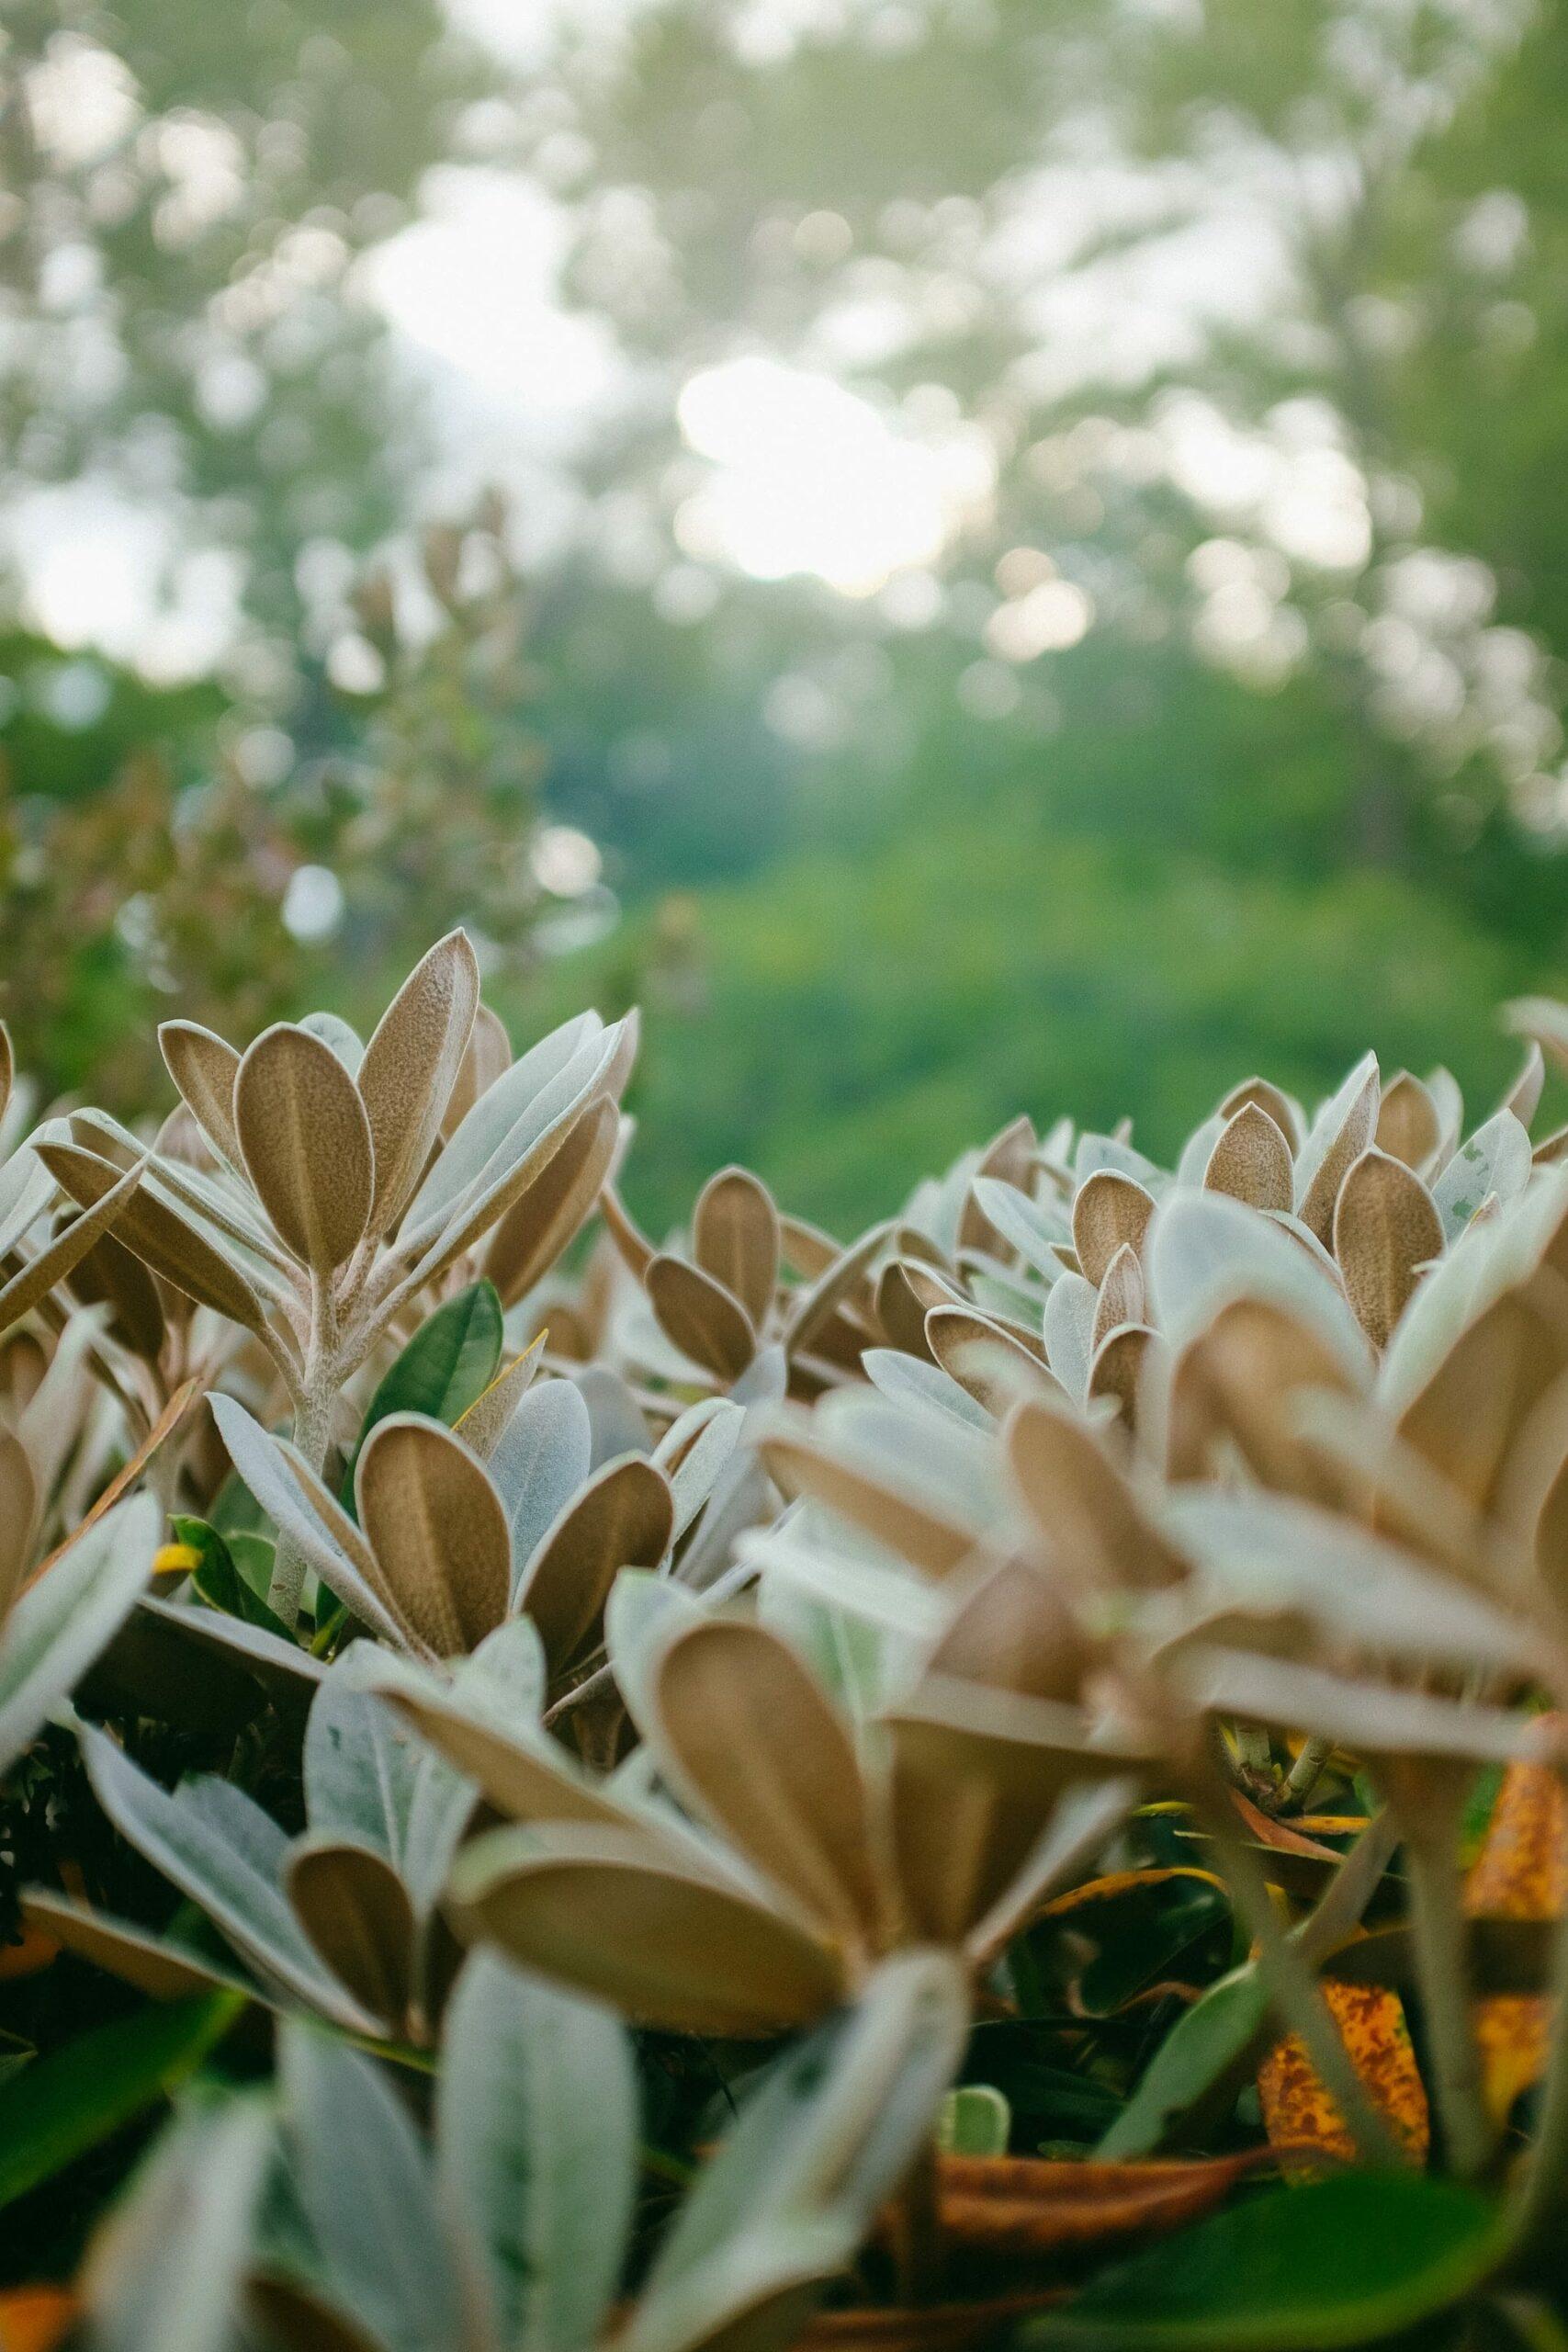 des plantes dans un jardin botanique d'études biologiques